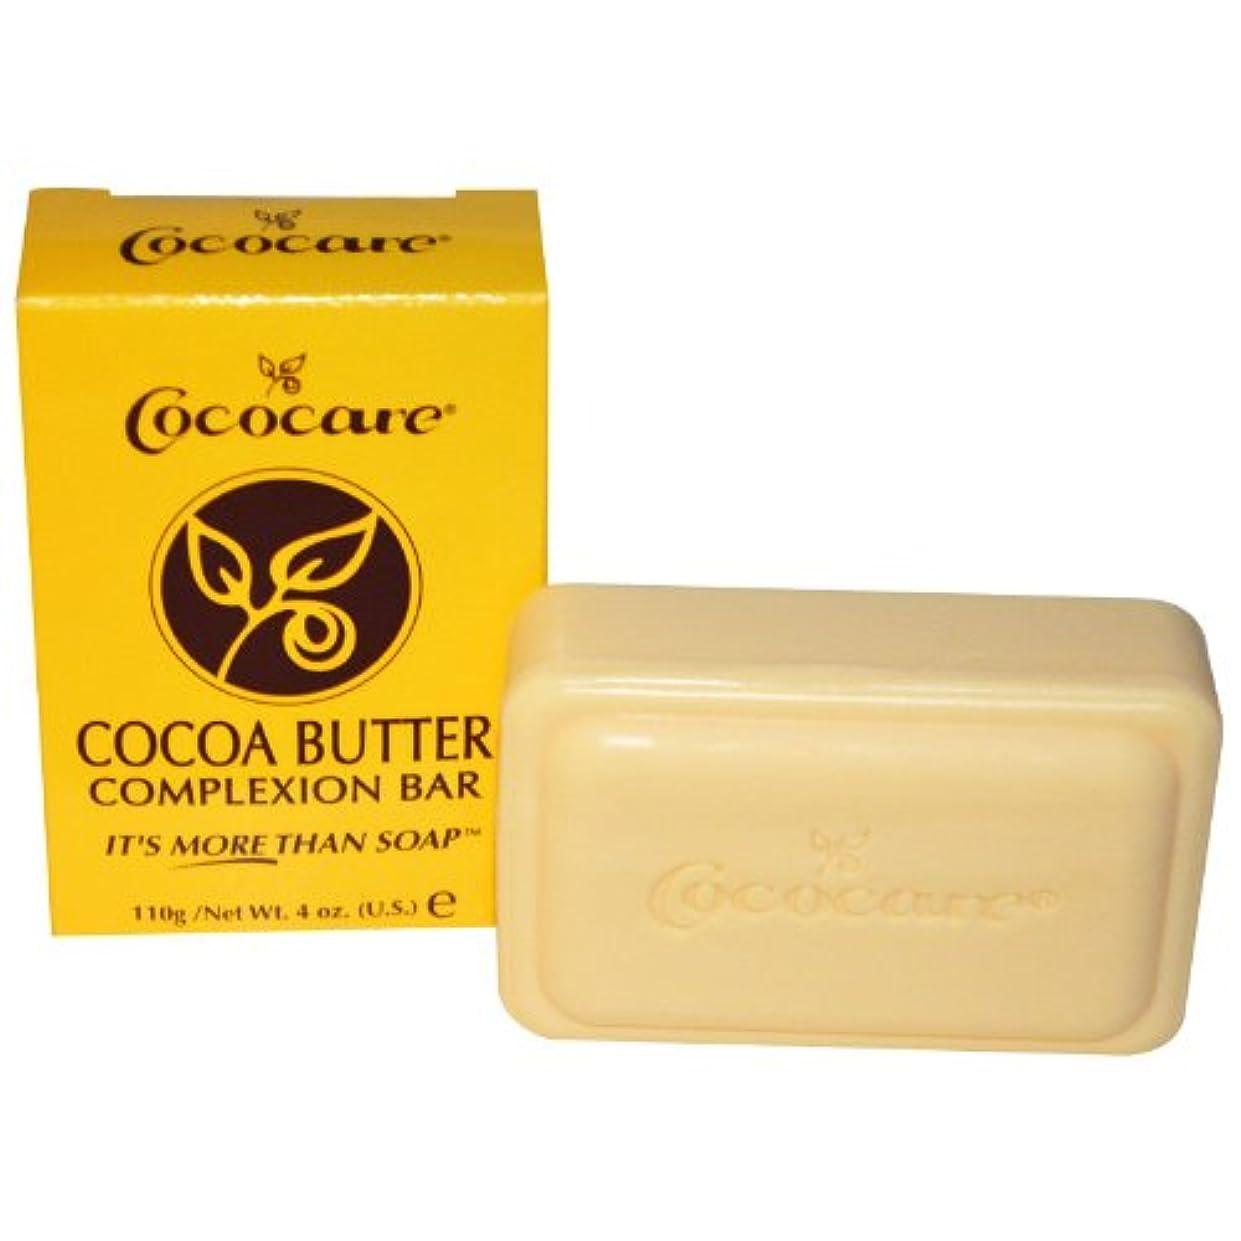 考古学的な料理ルーキーCococare, Cocoa Butter Complexion Bar, 4 oz (110 g) [並行輸入品]